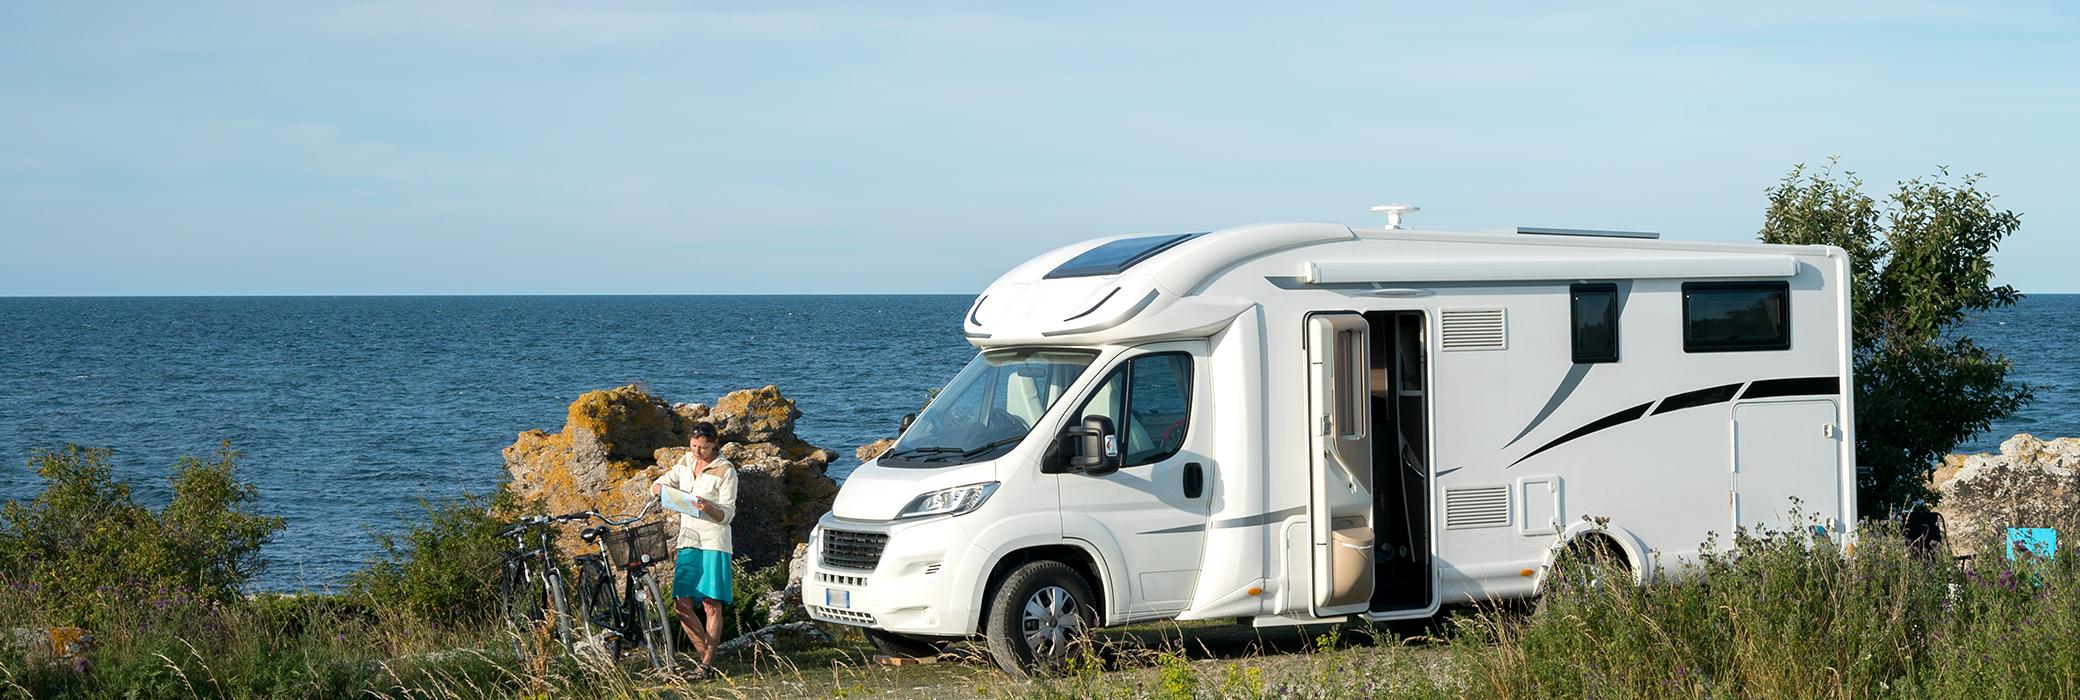 VARTA_Lesiure_Landingp._SWE_Caravan.jpg